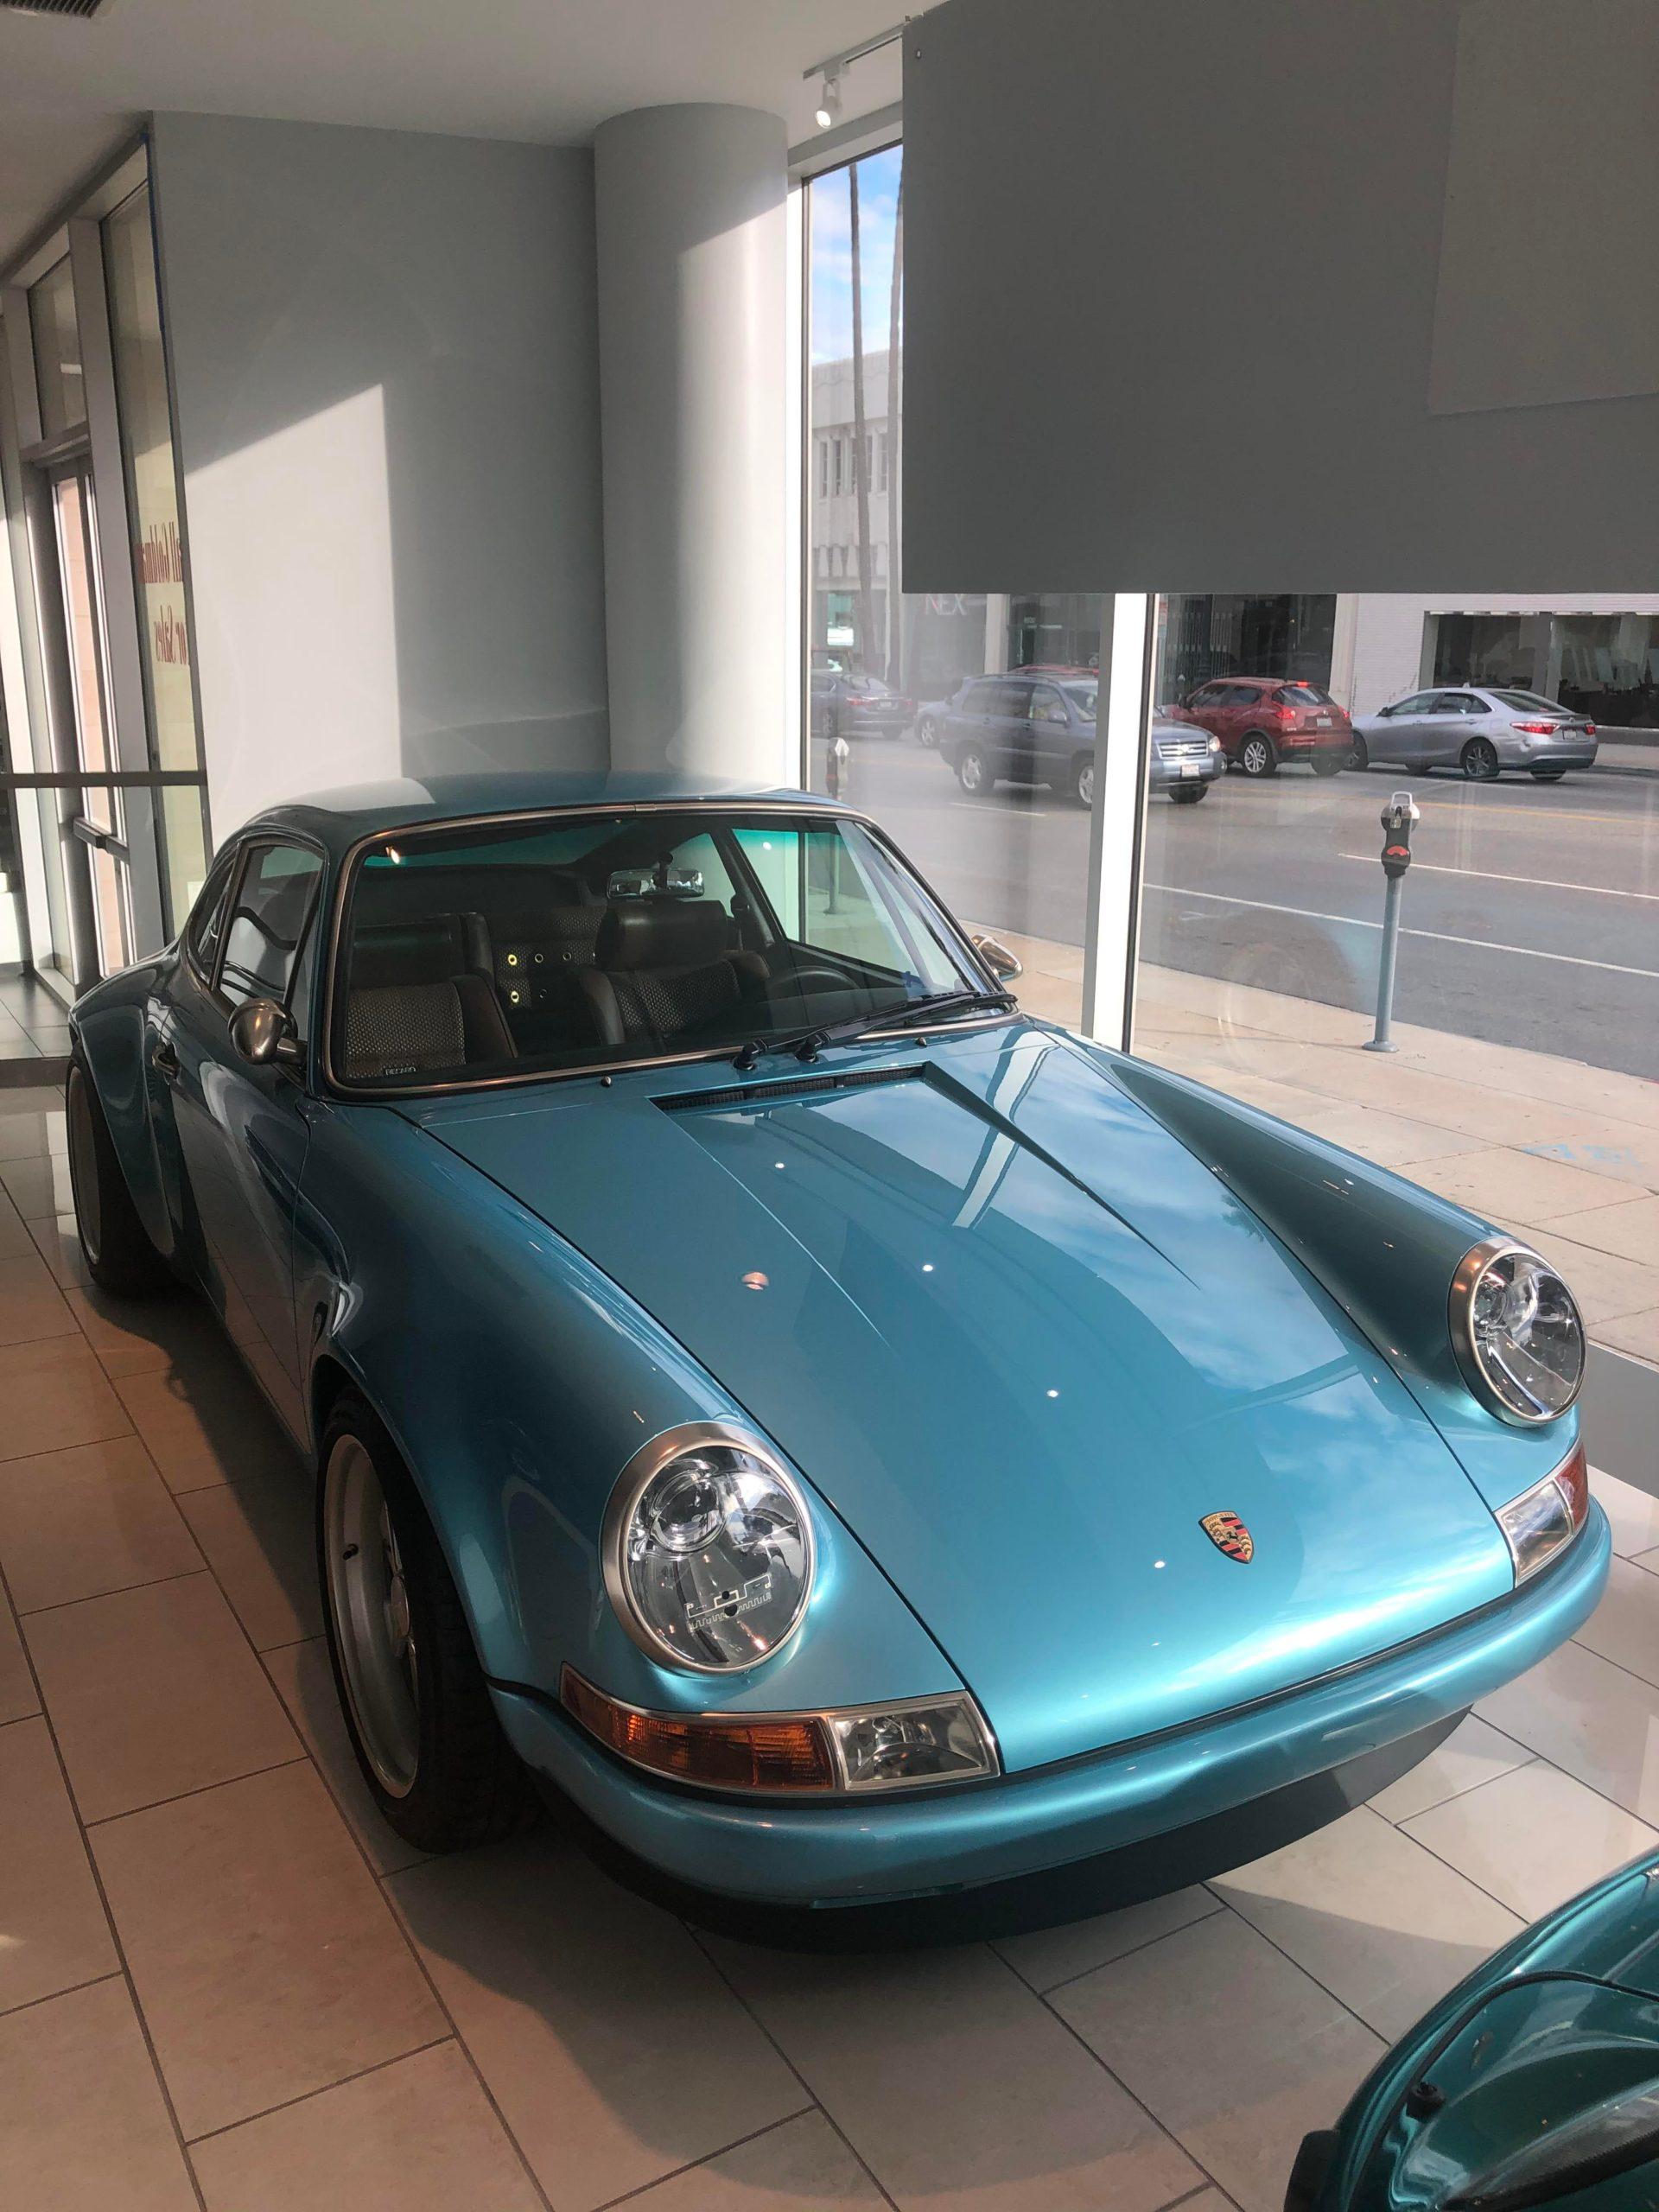 Amazing blue on this Porsche Singer